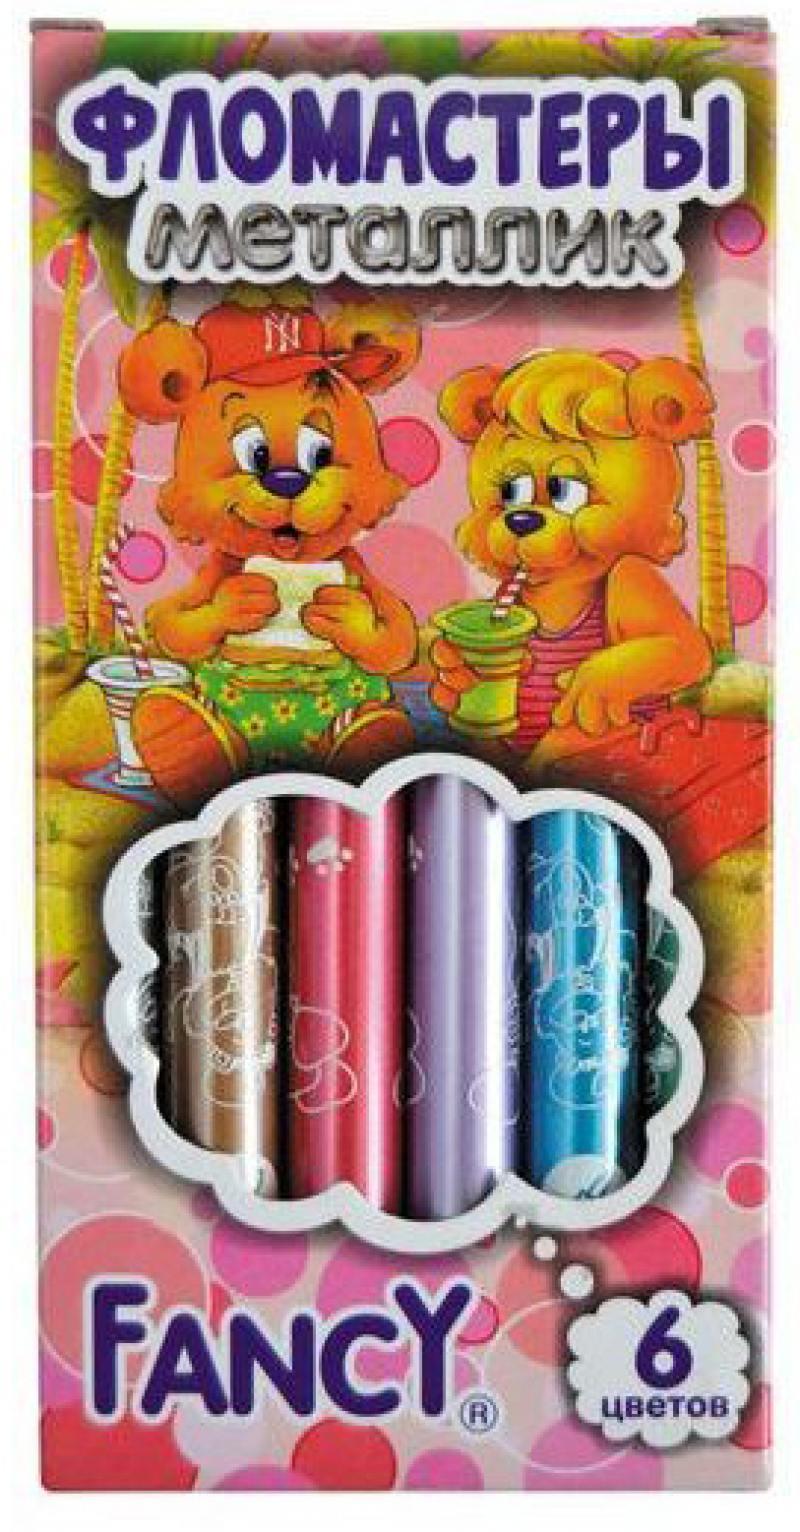 Набор фломастеров Action! FANCY 6 шт разноцветный FWP430-6 FWP430-6 набор фломастеров action fancy 2в1 20 шт разноцветный